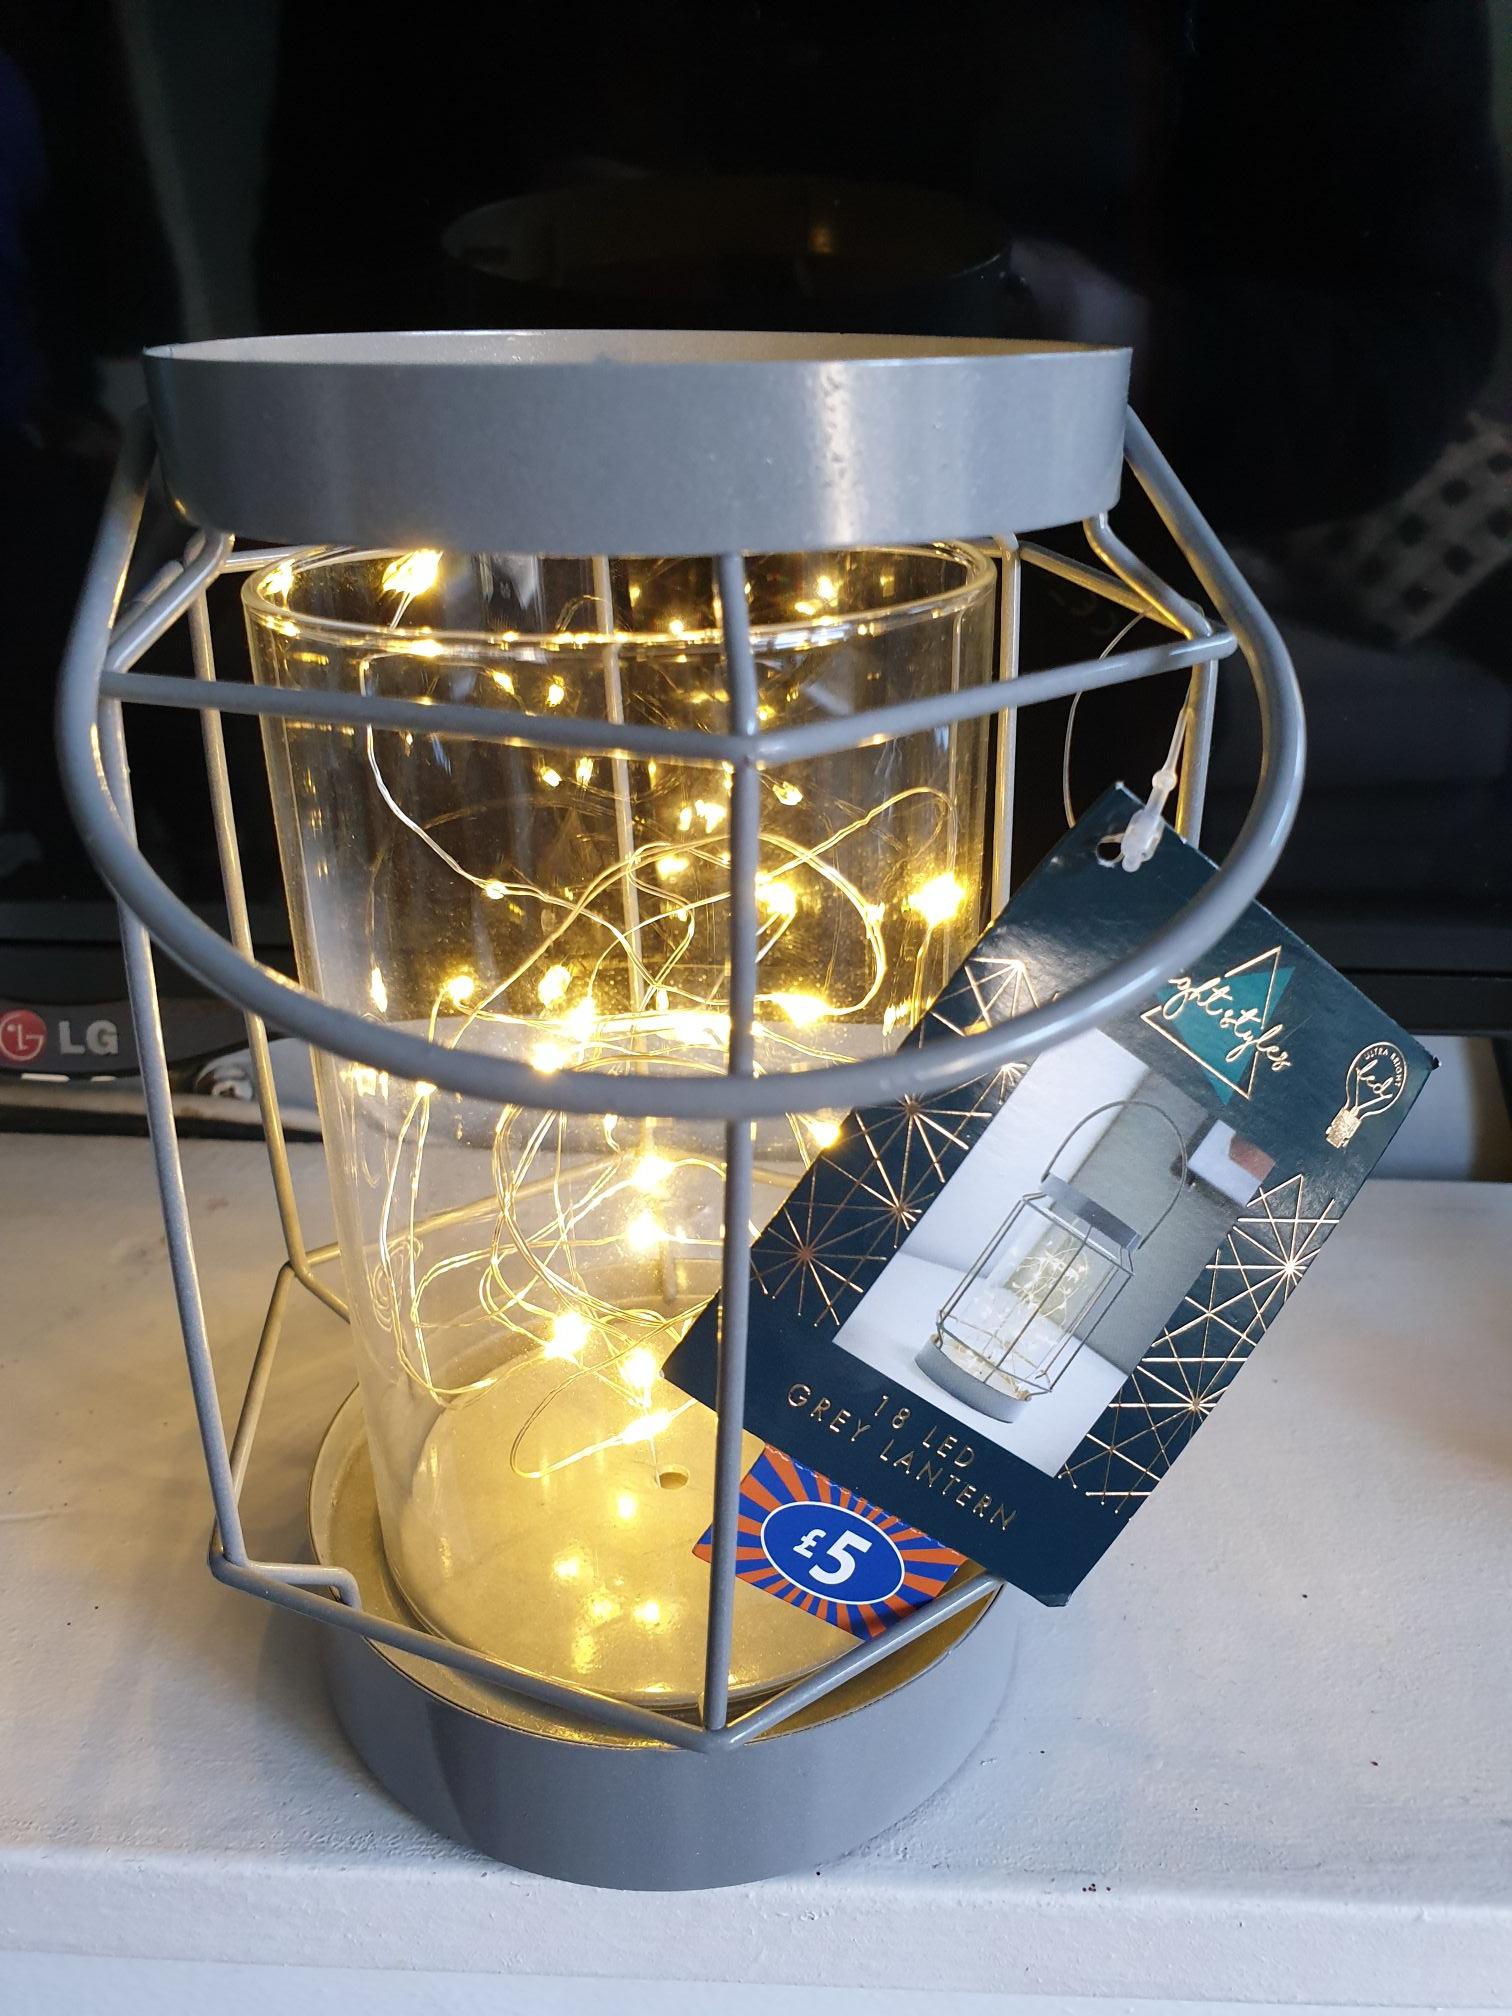 18 LED Grey Lantern @ B&M Walton - £2